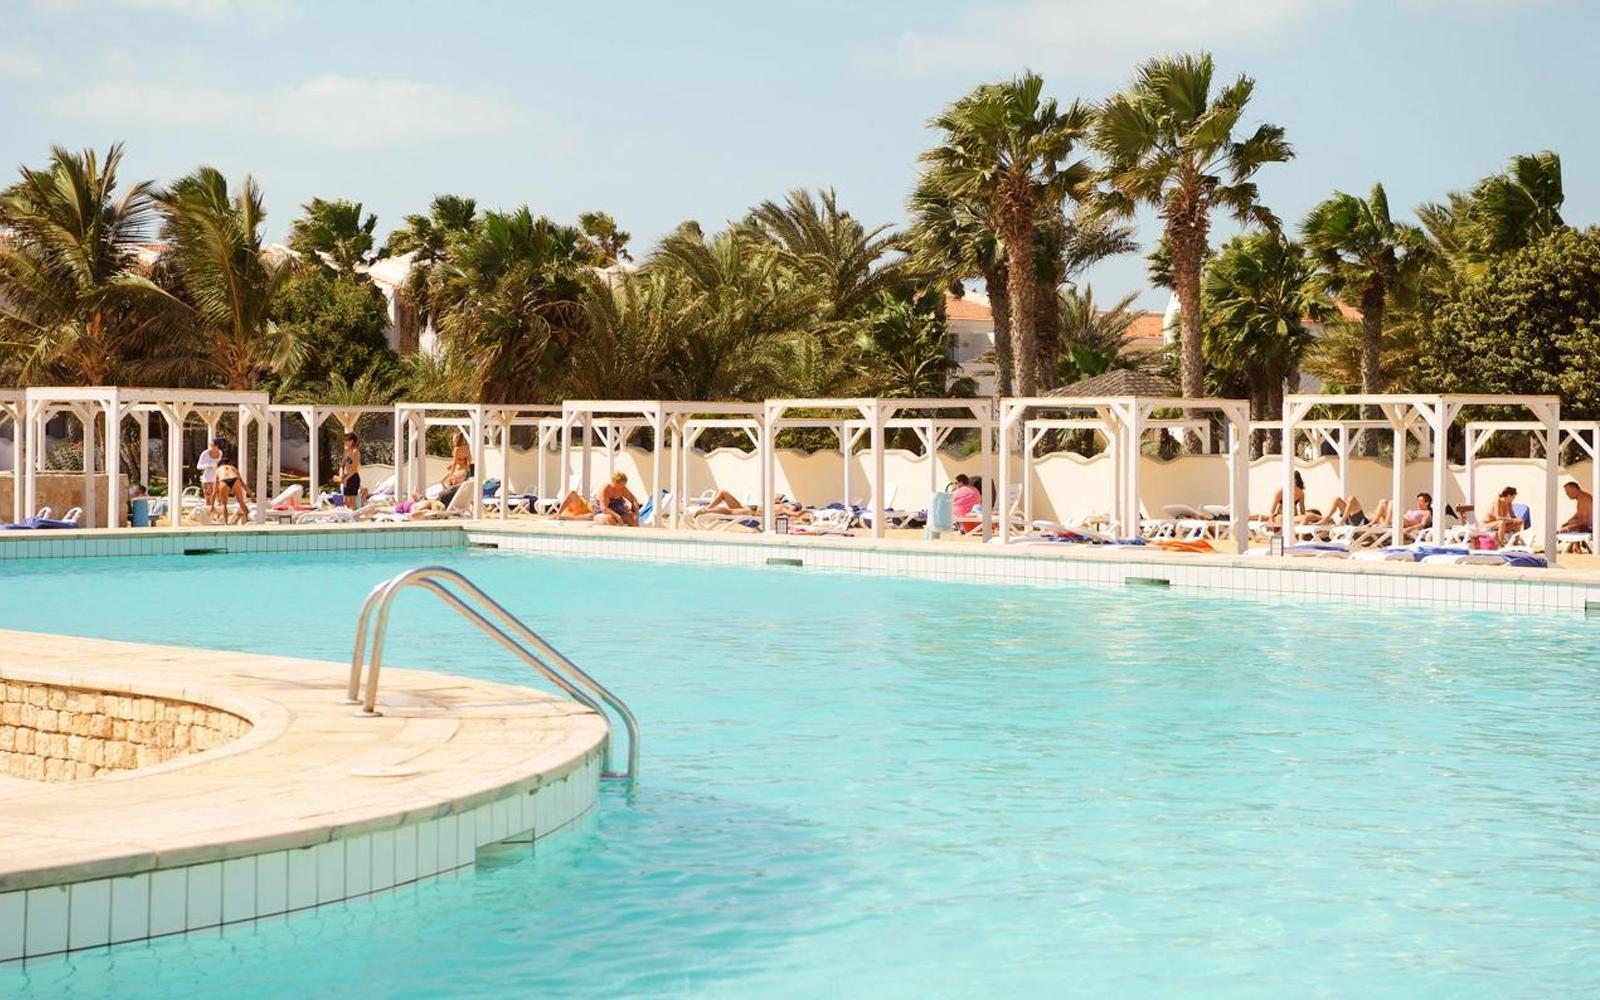 Viaje a cabo verde en hotel 4 todo incluido con vuelo directo desde santiago - Vacaciones en cabo verde todo incluido ...